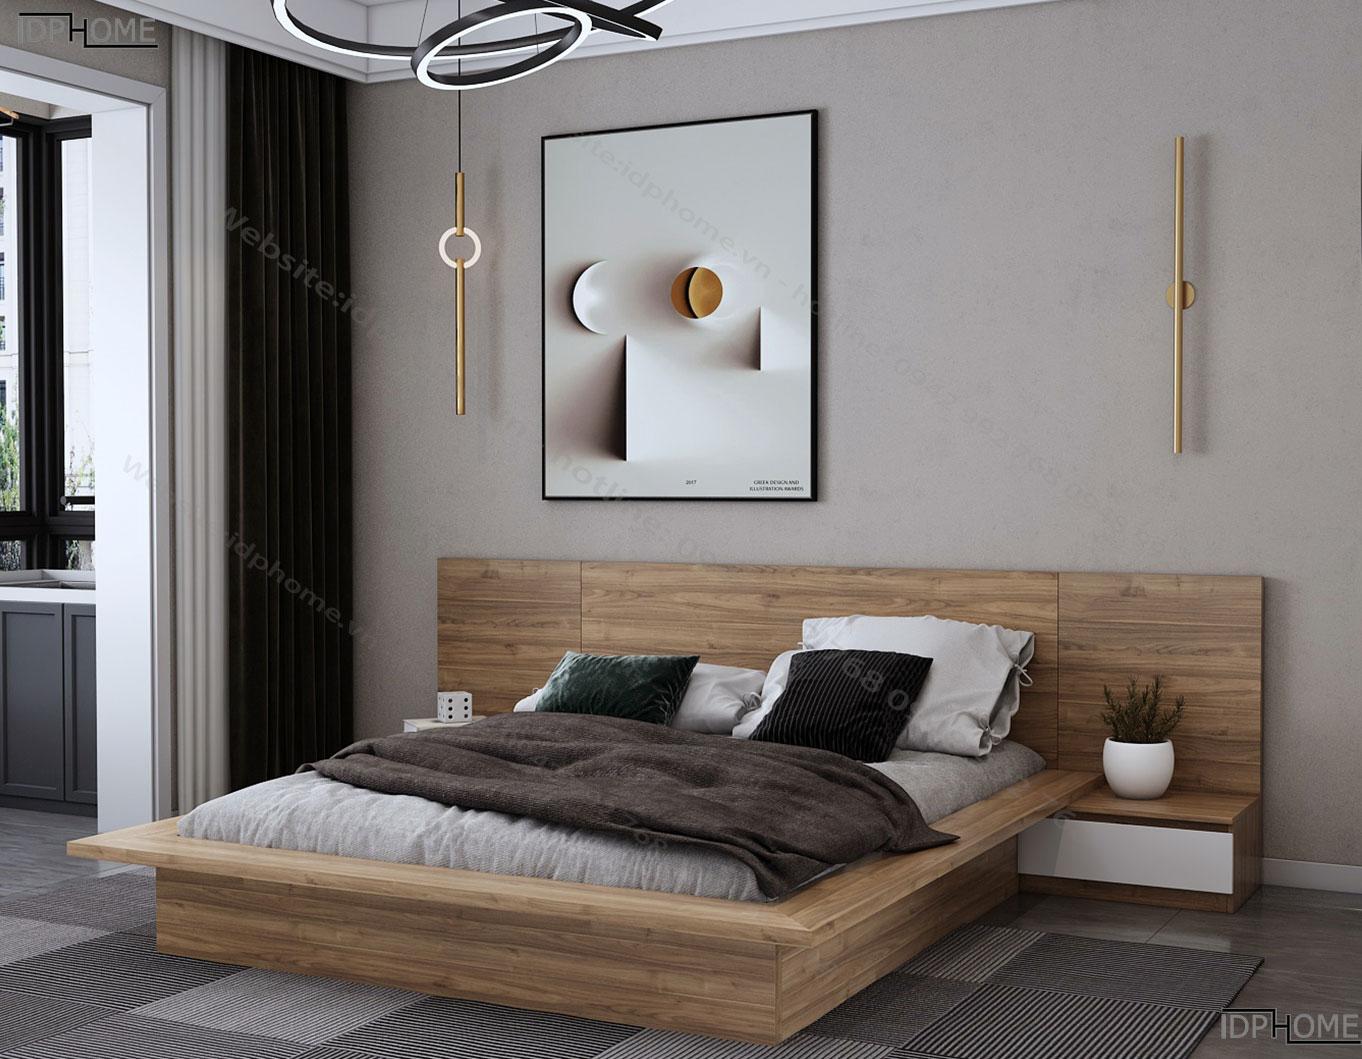 Giường ngủ đẹp hiện đại GD6808